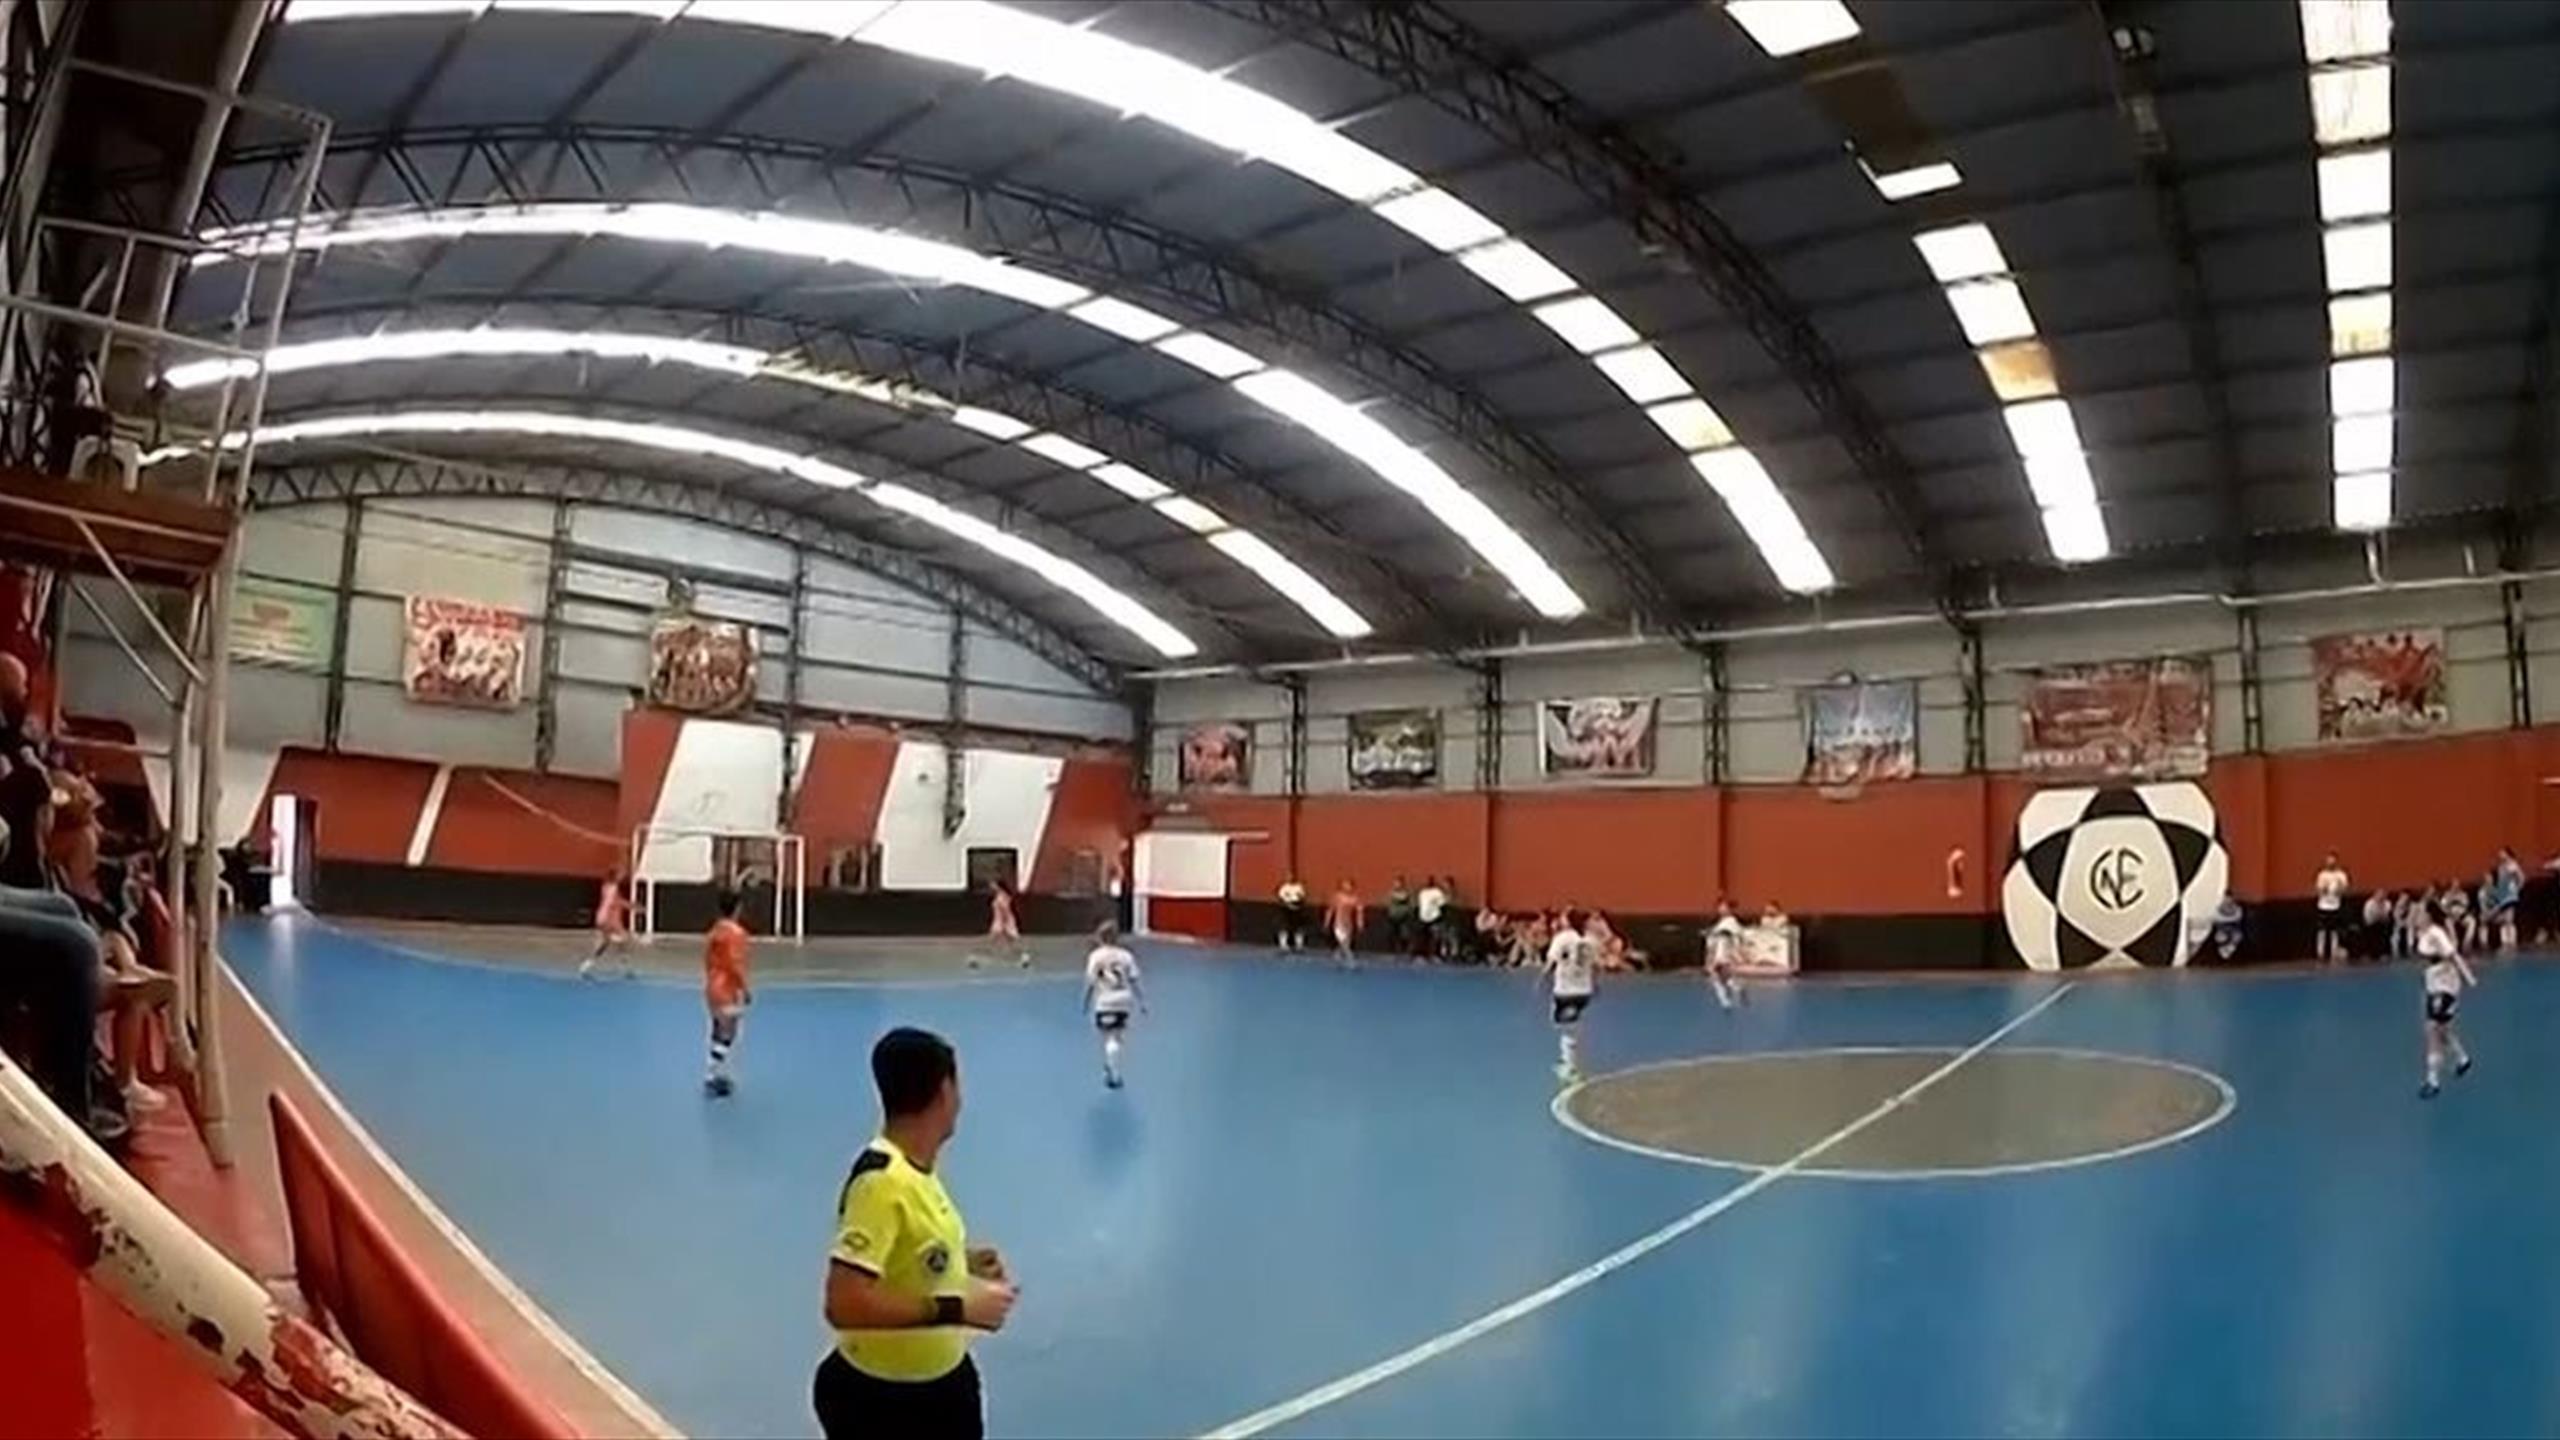 Quatre buts contre son camp : une équipe de futsal fait preuve d'antijeu, l'entraîneur licencié thumbnail